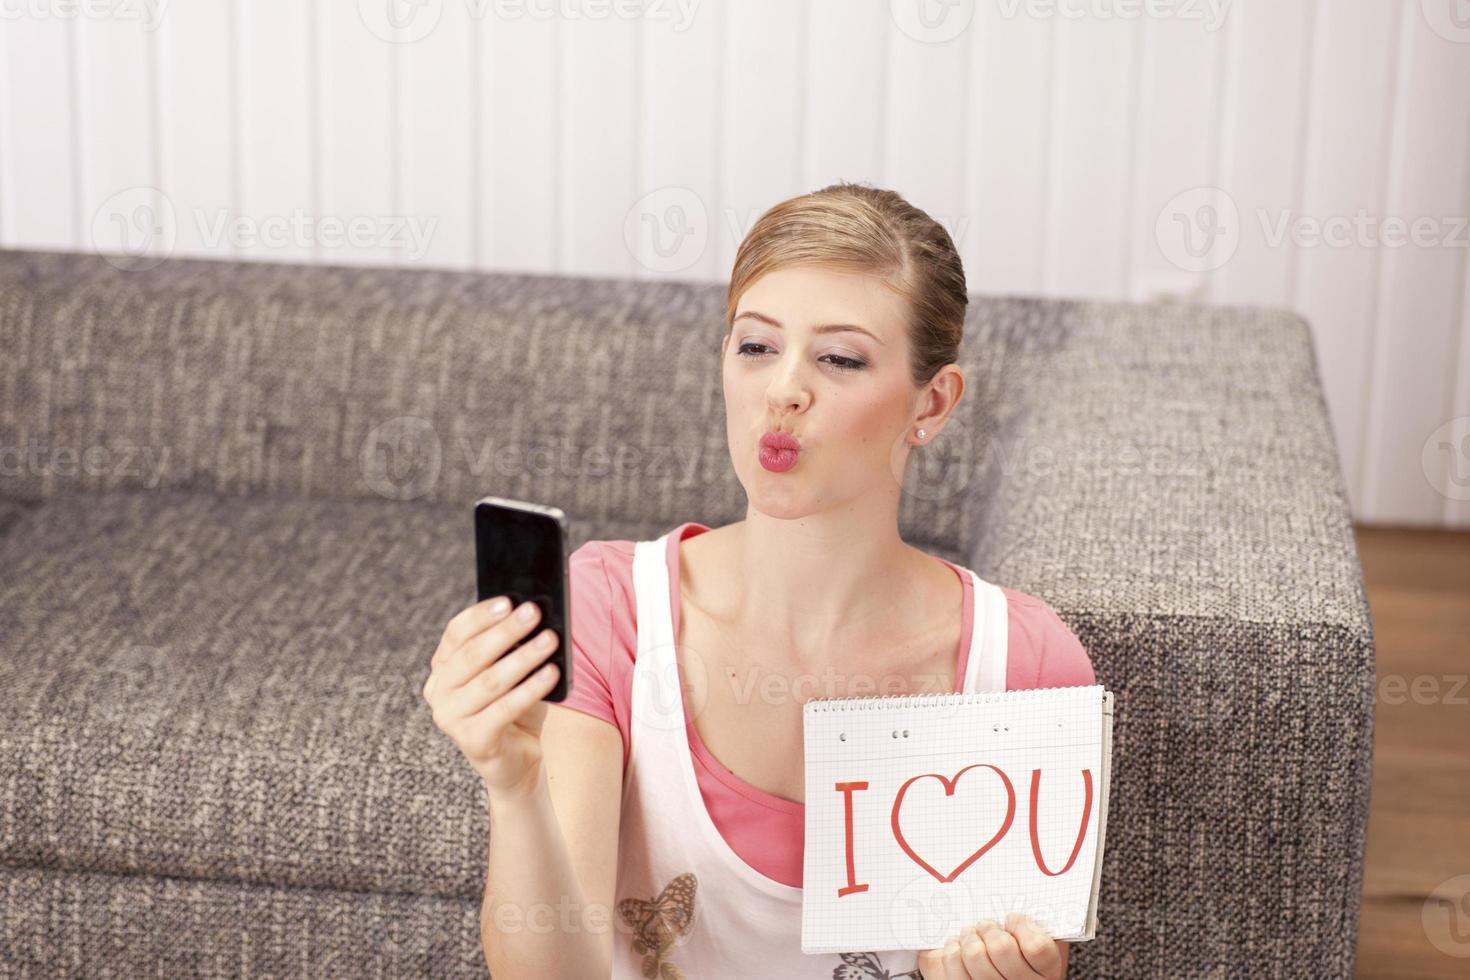 giovane donna che fa selfie, ti amo sul blocco note foto